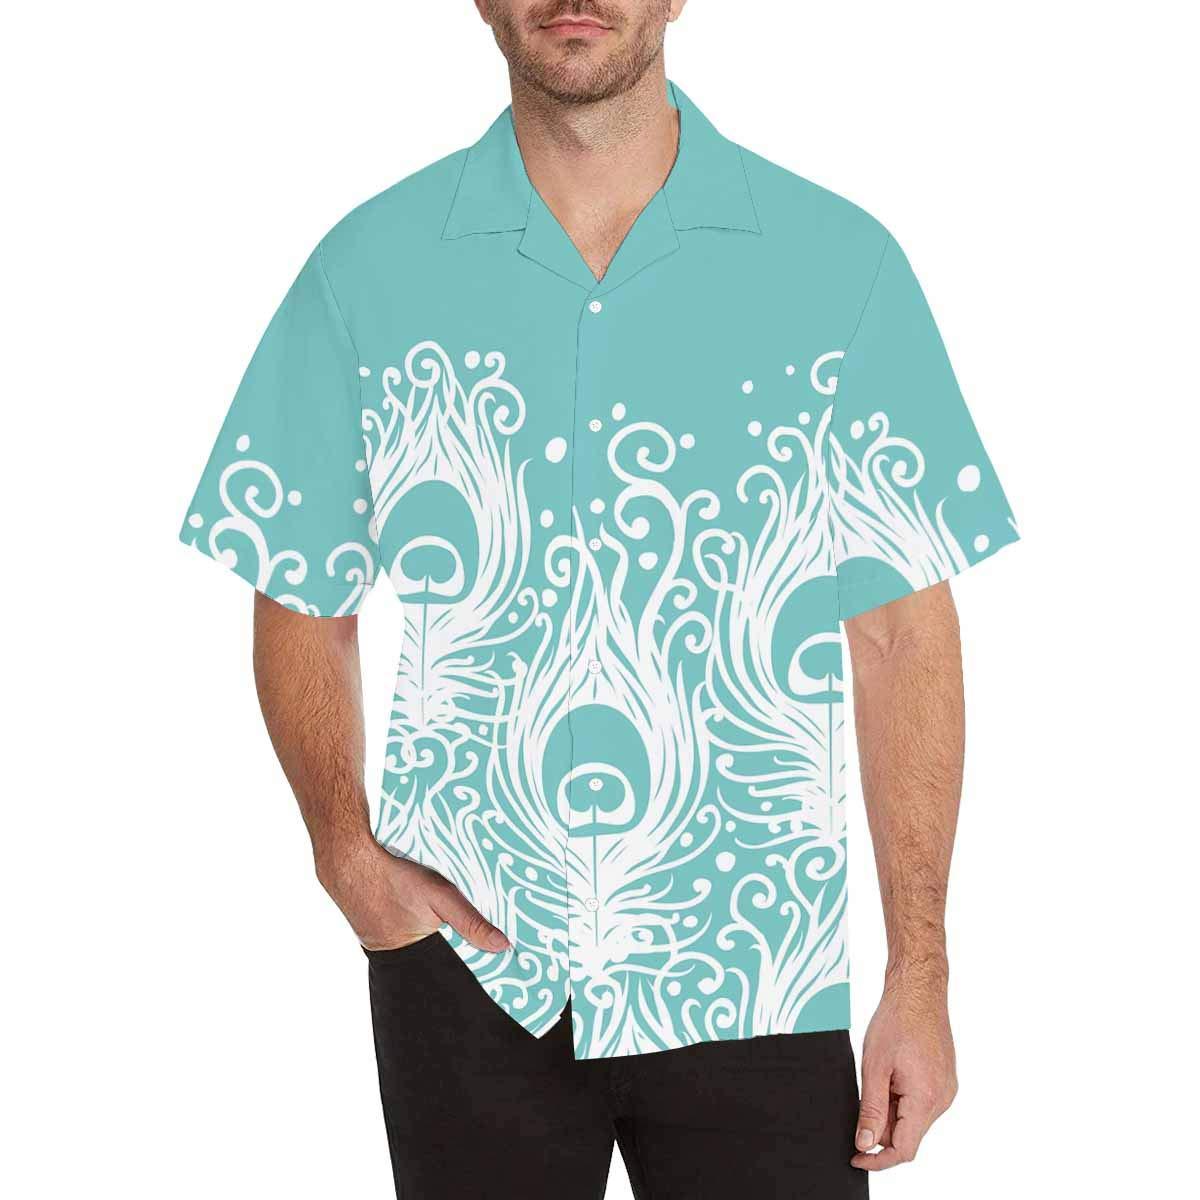 InterestPrint Mens Shirt Soft Peacock Feathers Summer Casual Mens Shirt